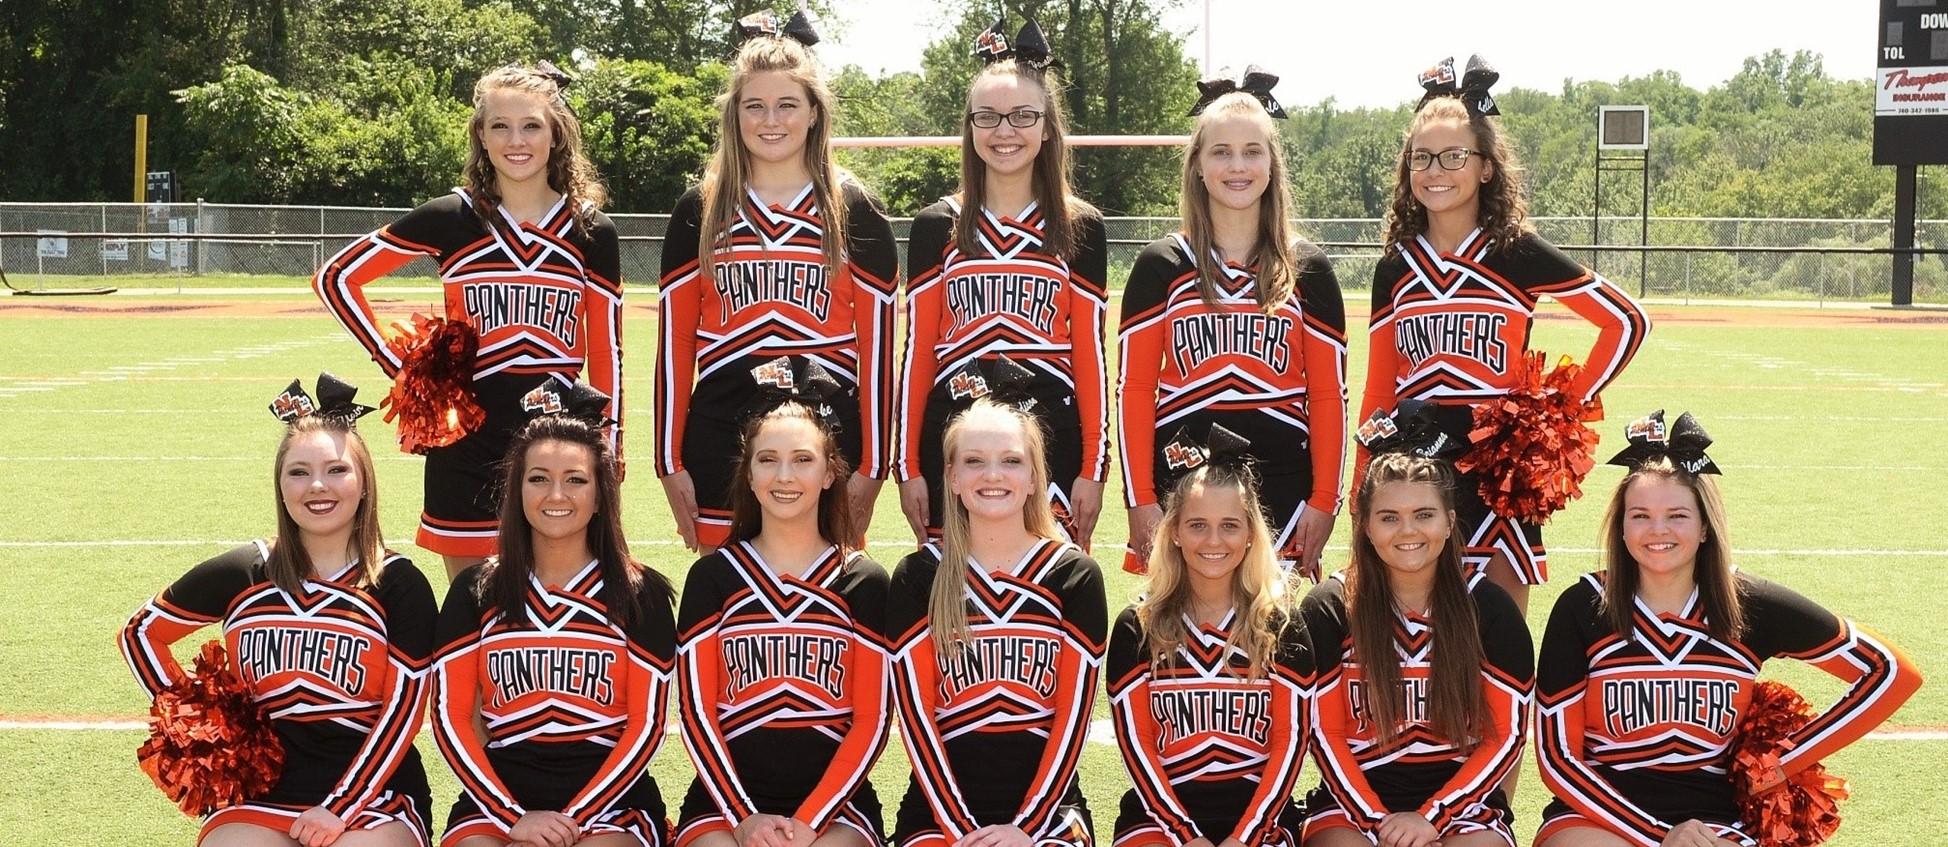 2017 Fall Cheerleaders